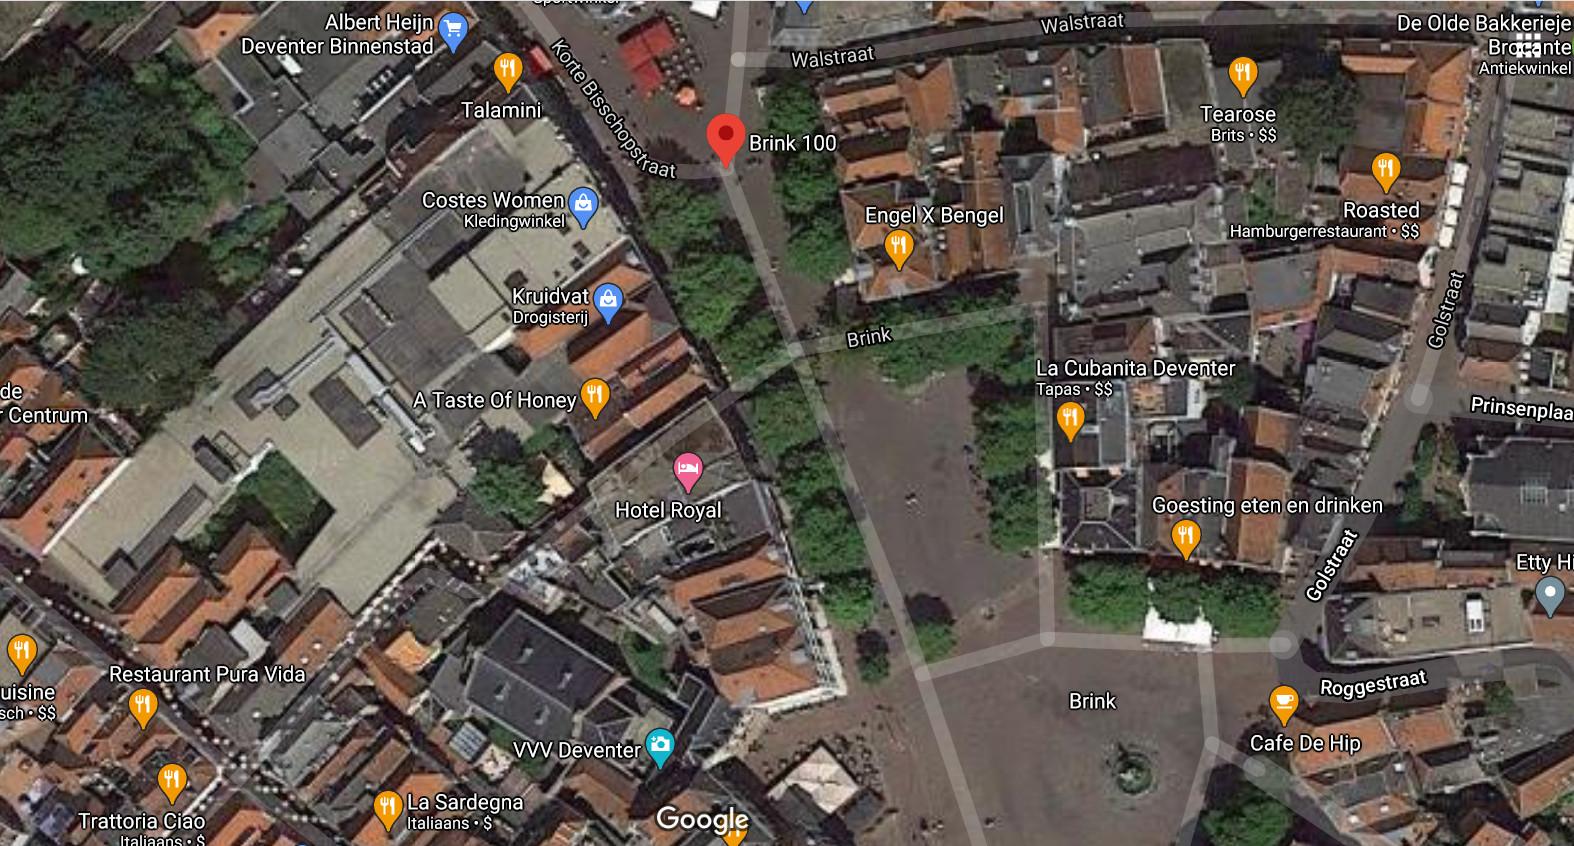 Beeld vanuit de lucht, dat goed toont hoe het vroegere V&D-complex vanaf de Brink helemaal doorloopt tot aan de Grote Overstraat.